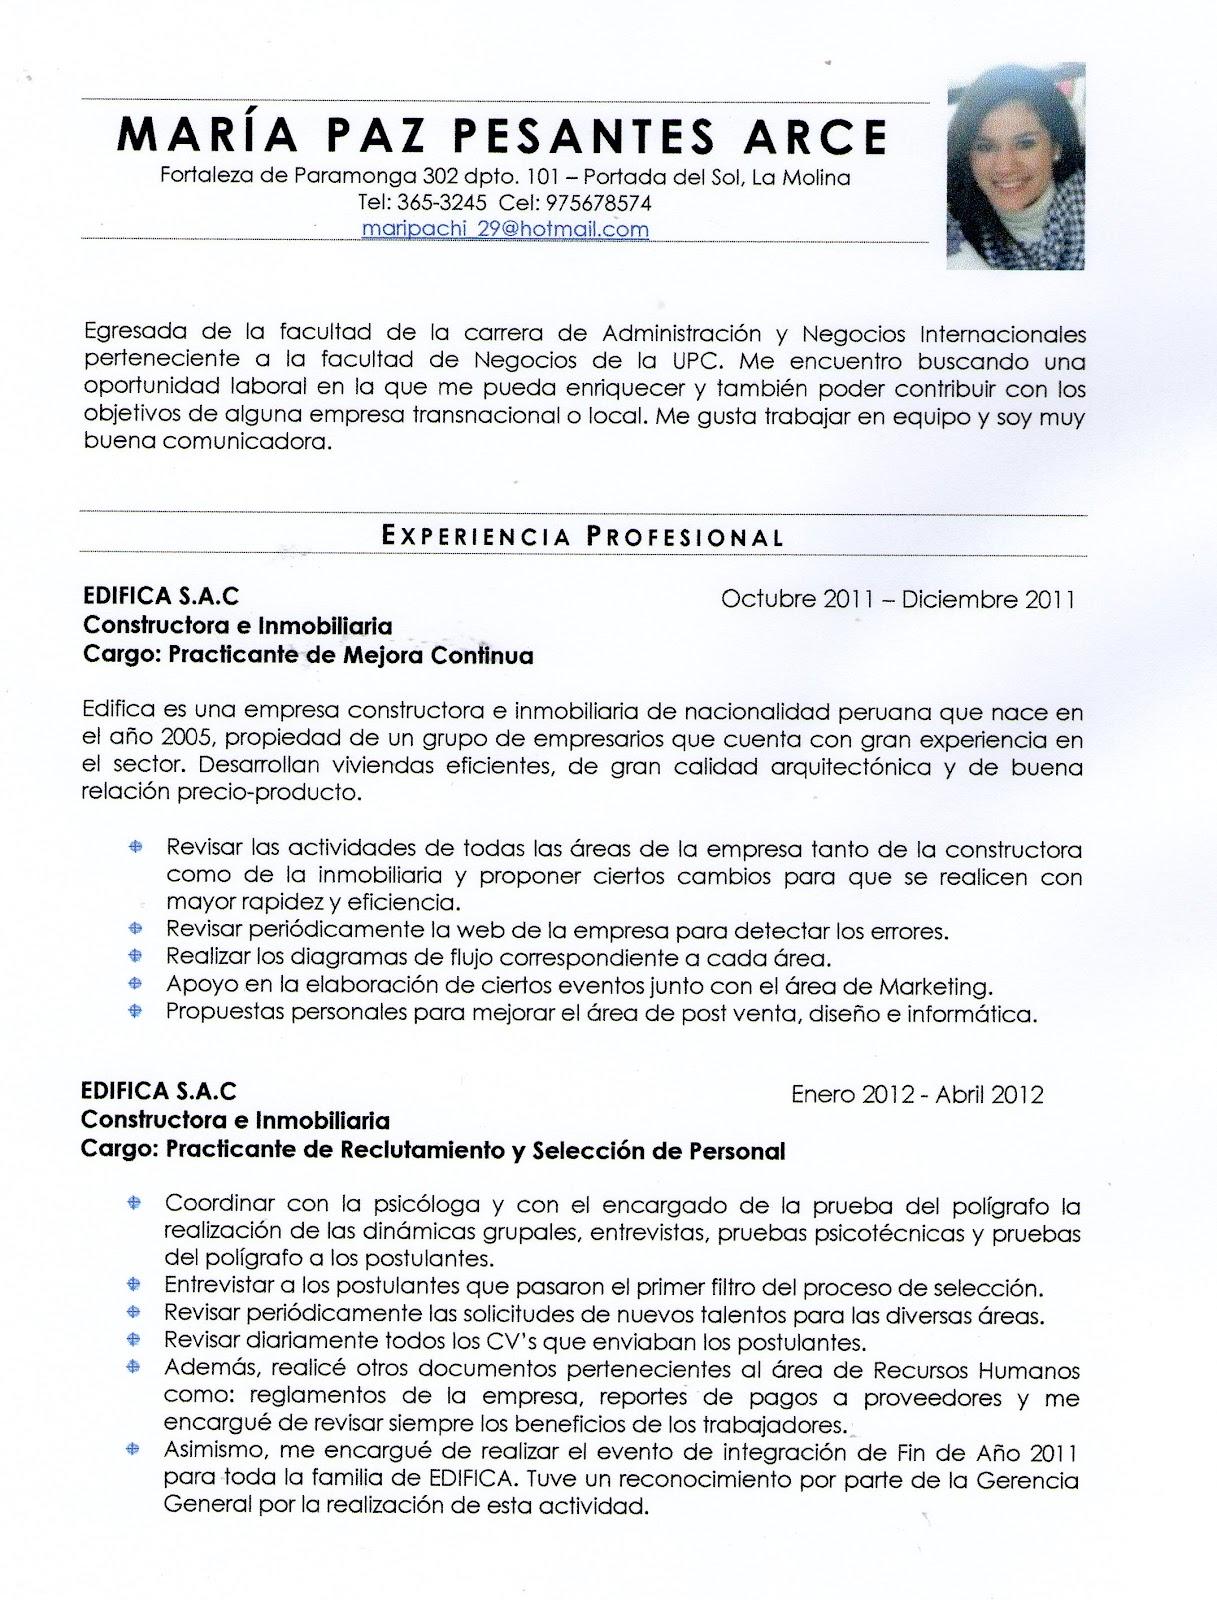 Liderazgo Y Desarrollo Profesional Curriculum Vitae Por Logros